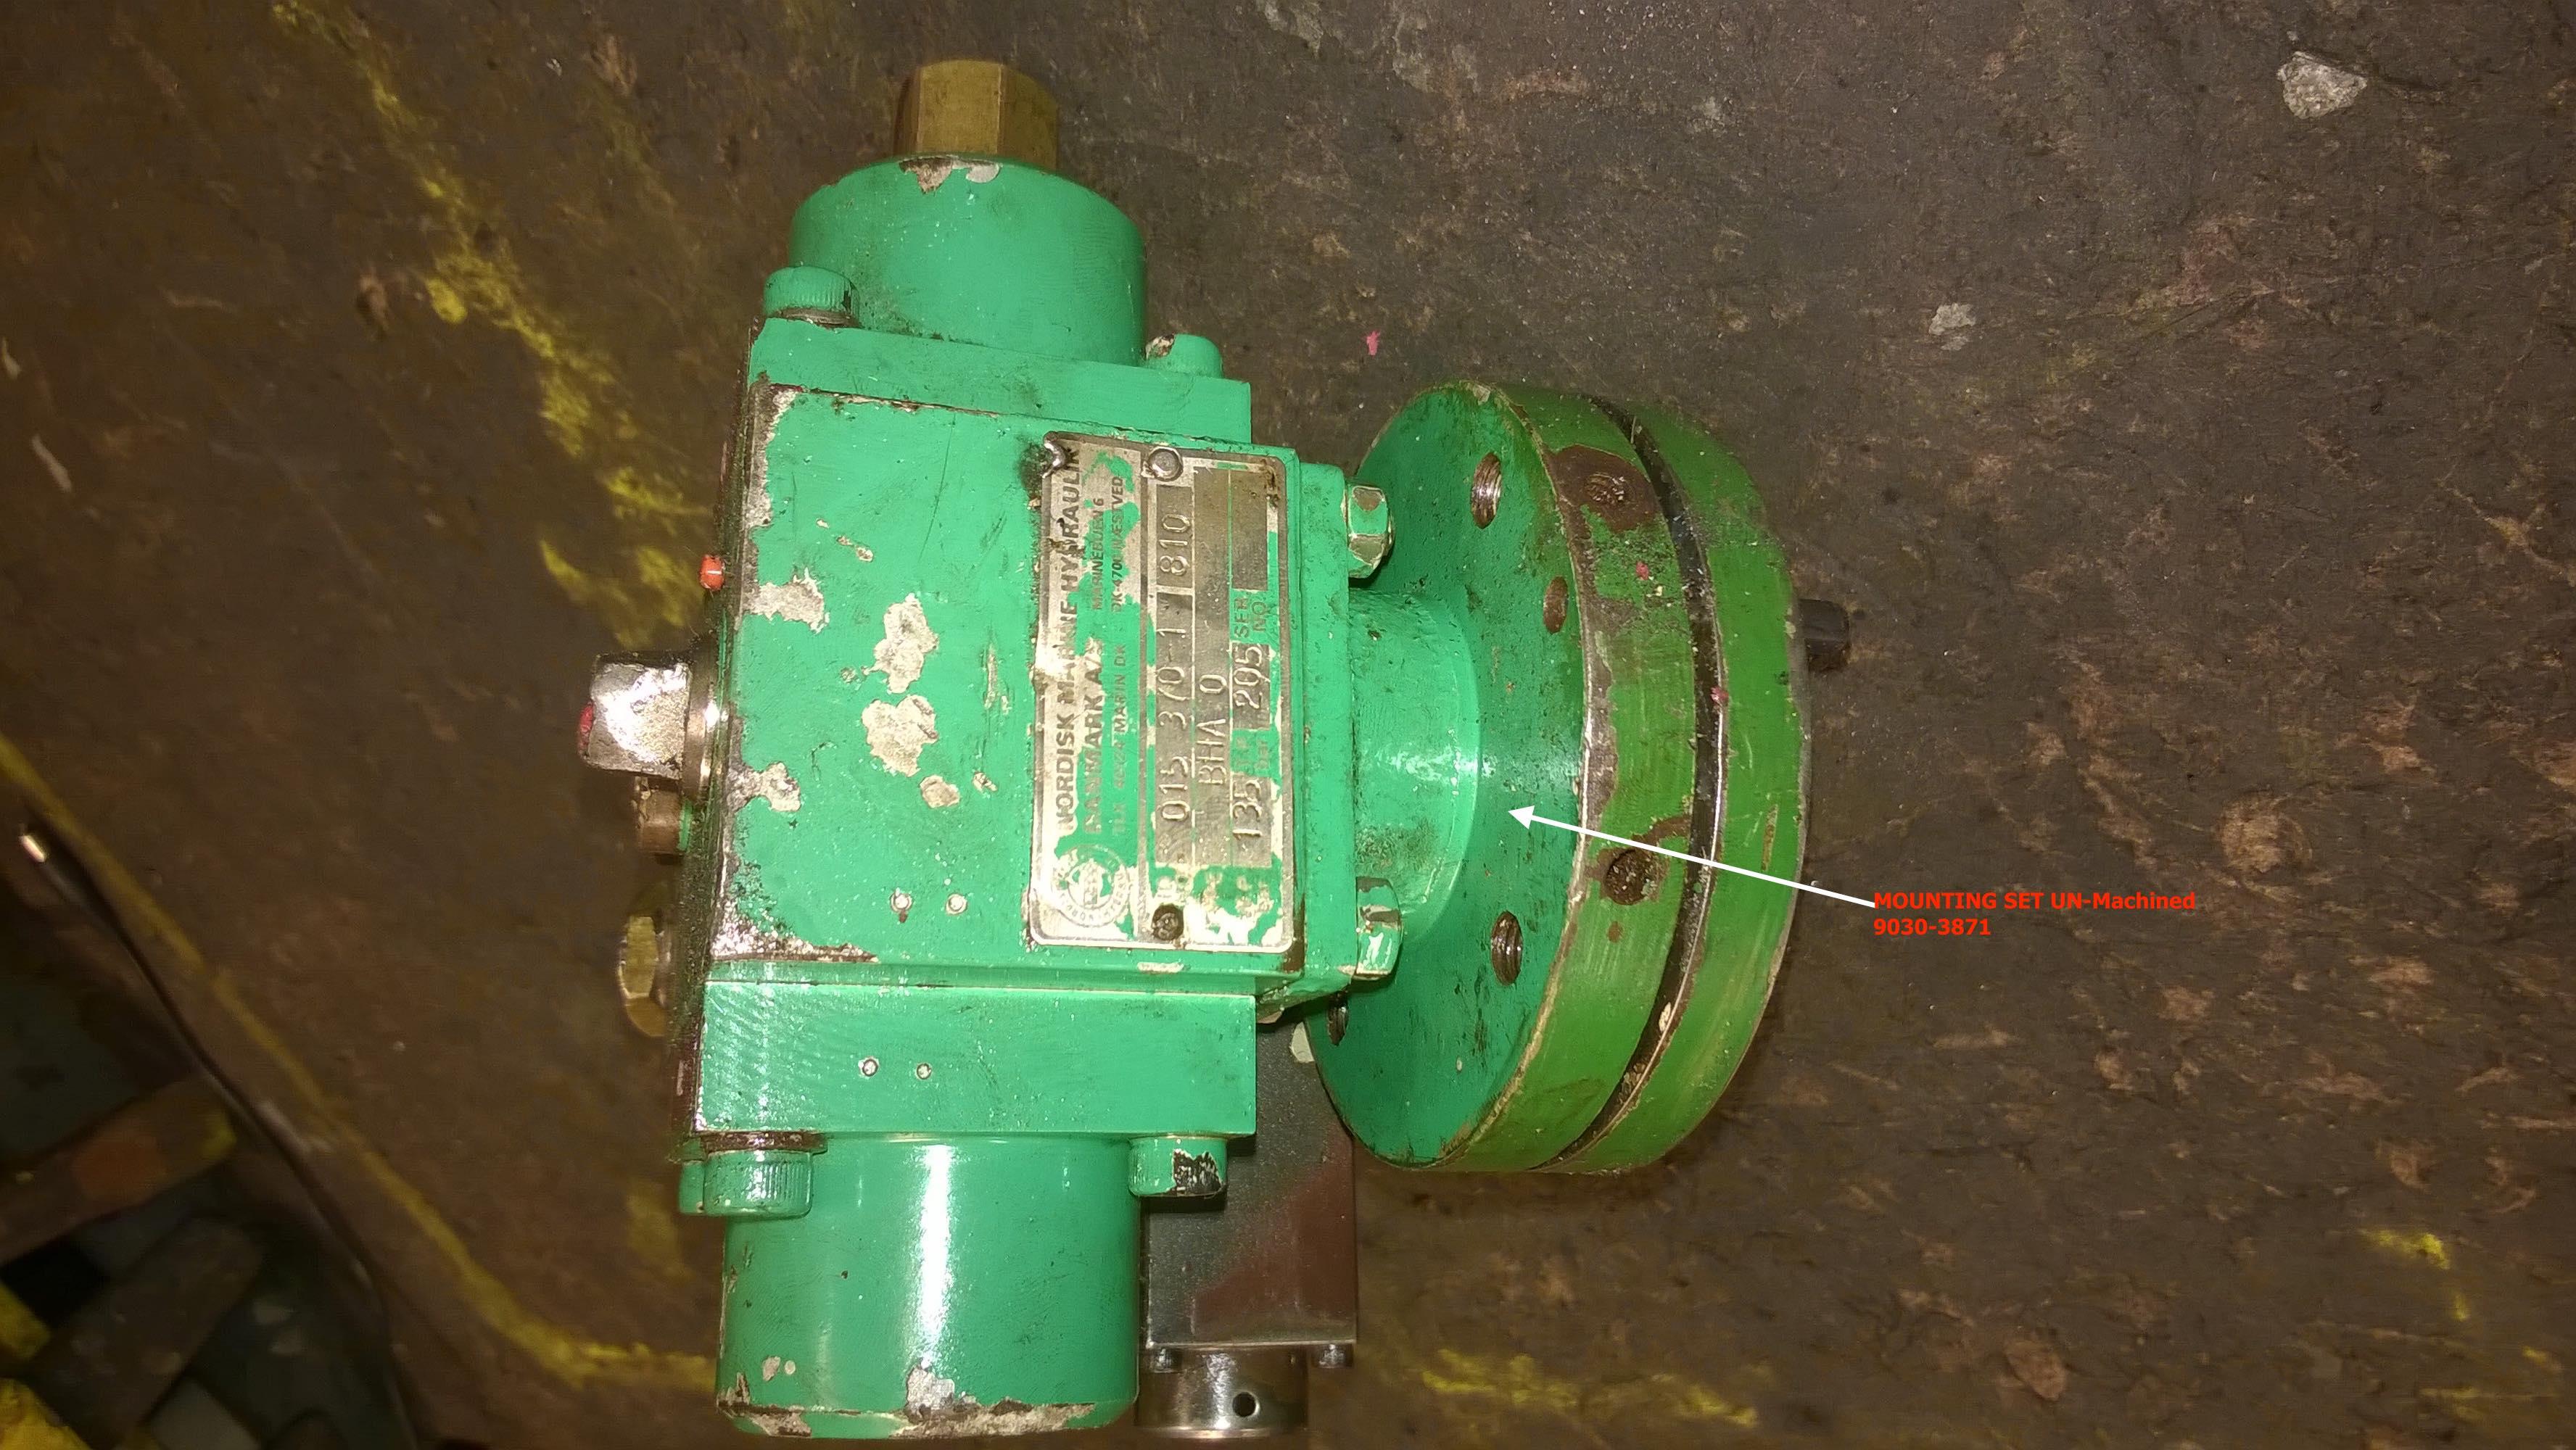 BHA-0 UN-Machined Mounting Set 9030-3871